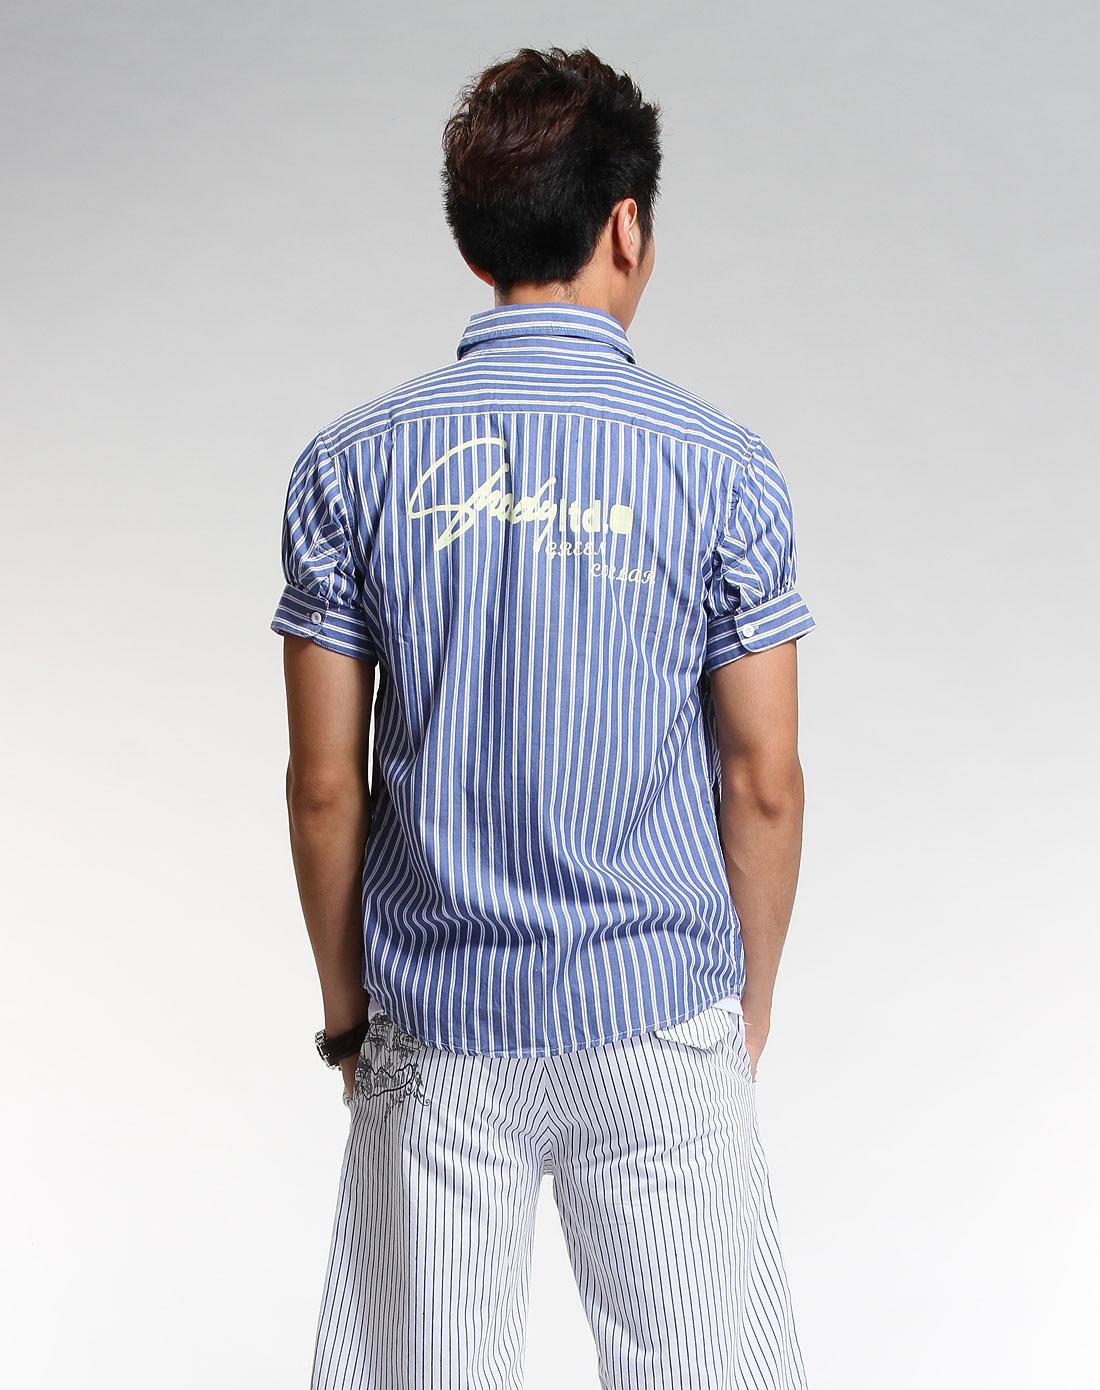 浅蓝色条纹短袖衬衫